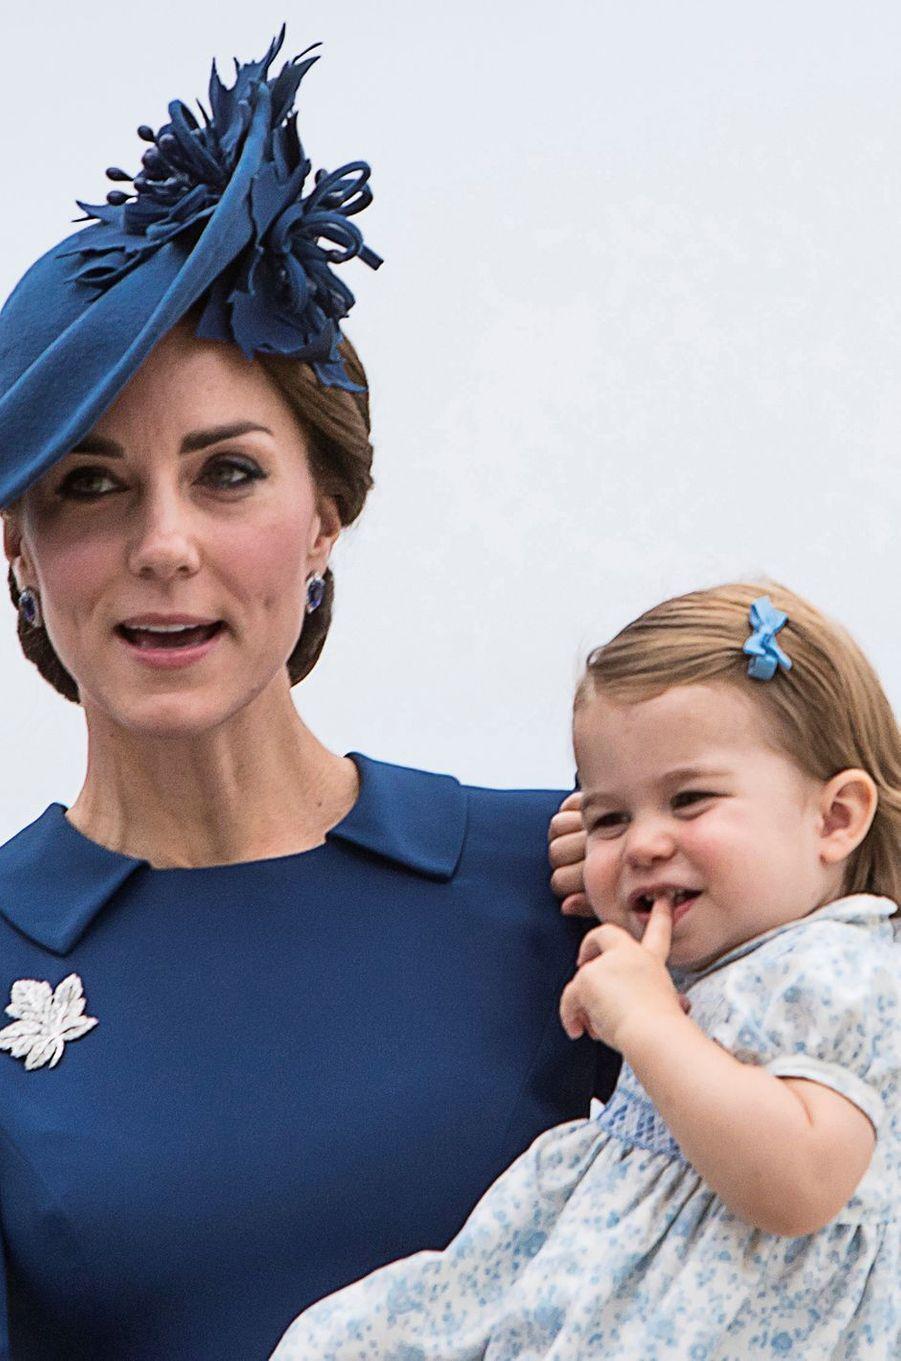 La princesse Charlotte de Cambridge avec sa mère Kate Middleton à Victoria, à leur arrivée au Canada, le 24 septembre 2016